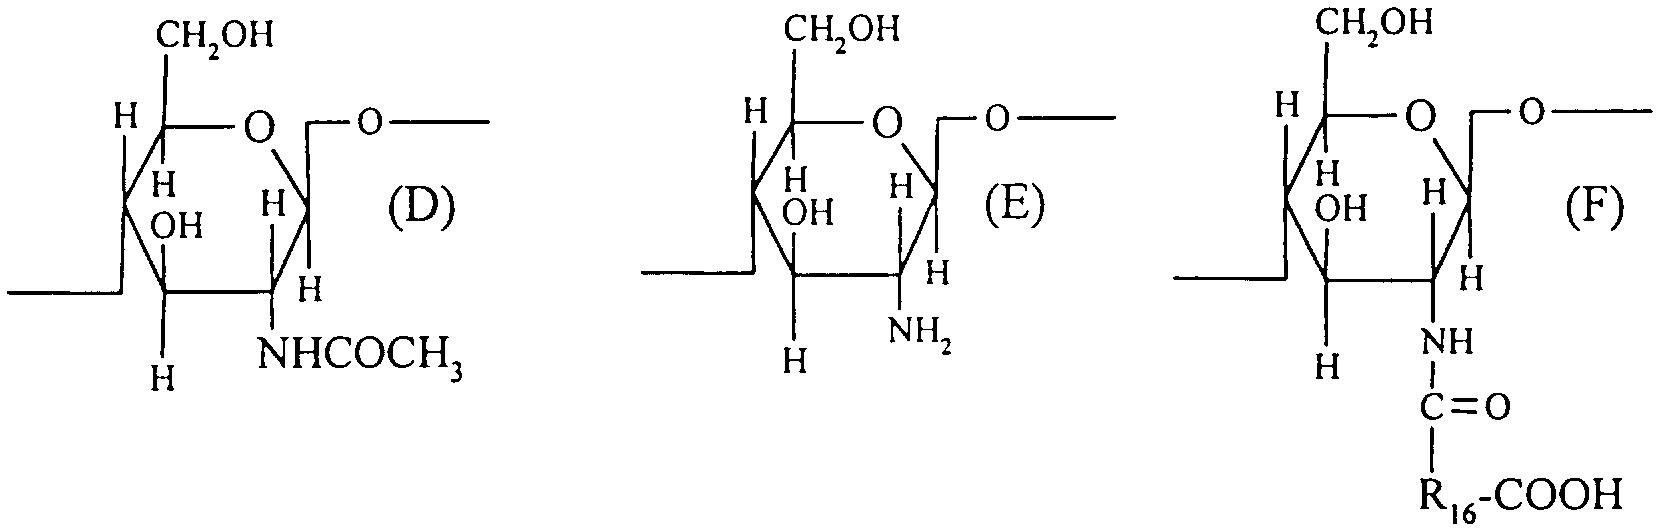 Figure img00120001